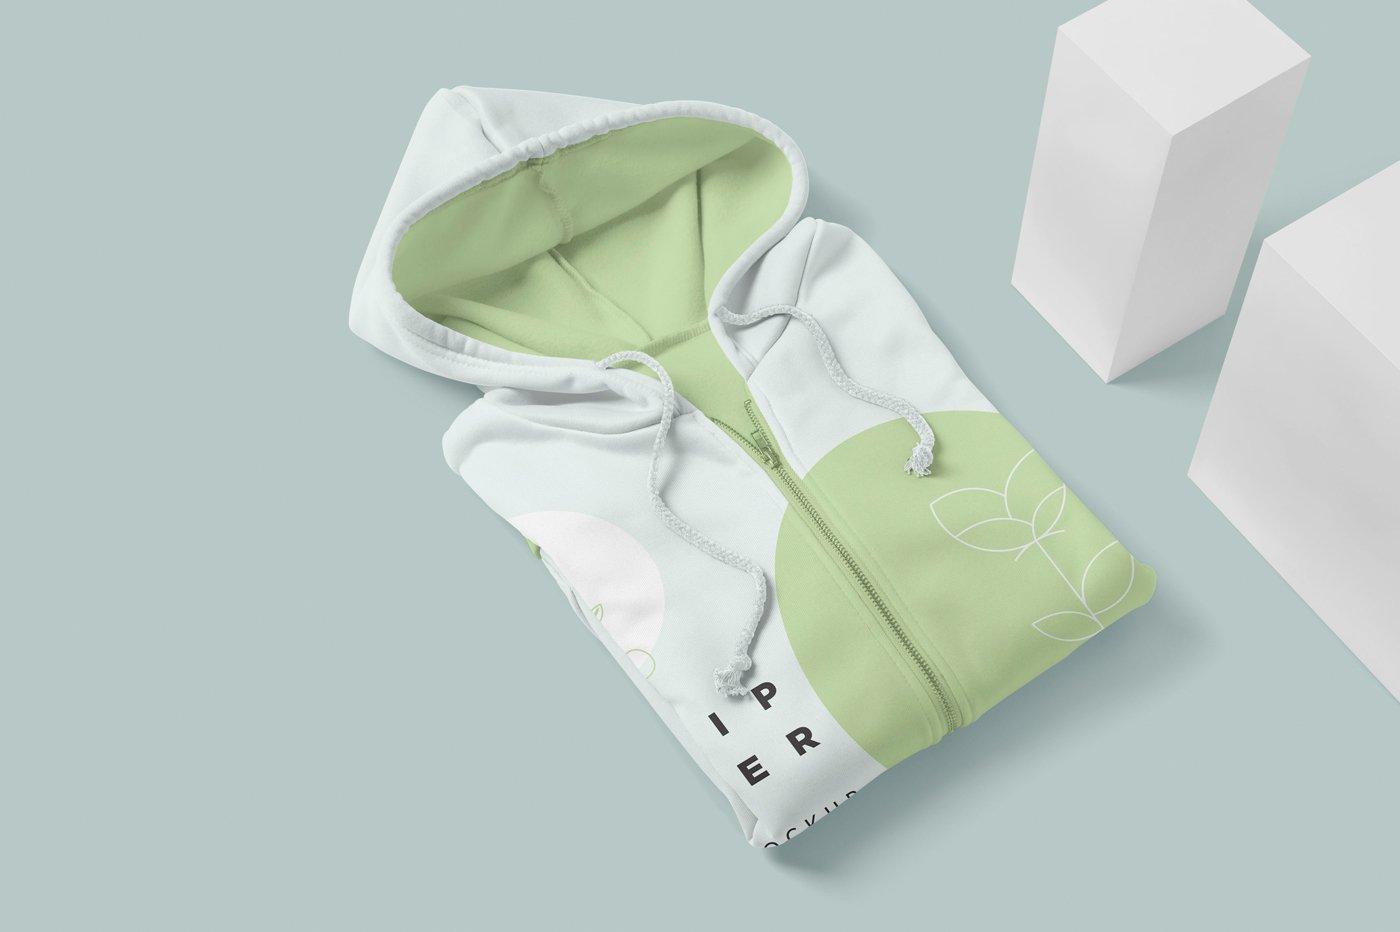 拉链连衣帽卫衣印花设计展示样机模板 Zipper Hoodie Mockup Templates插图(2)